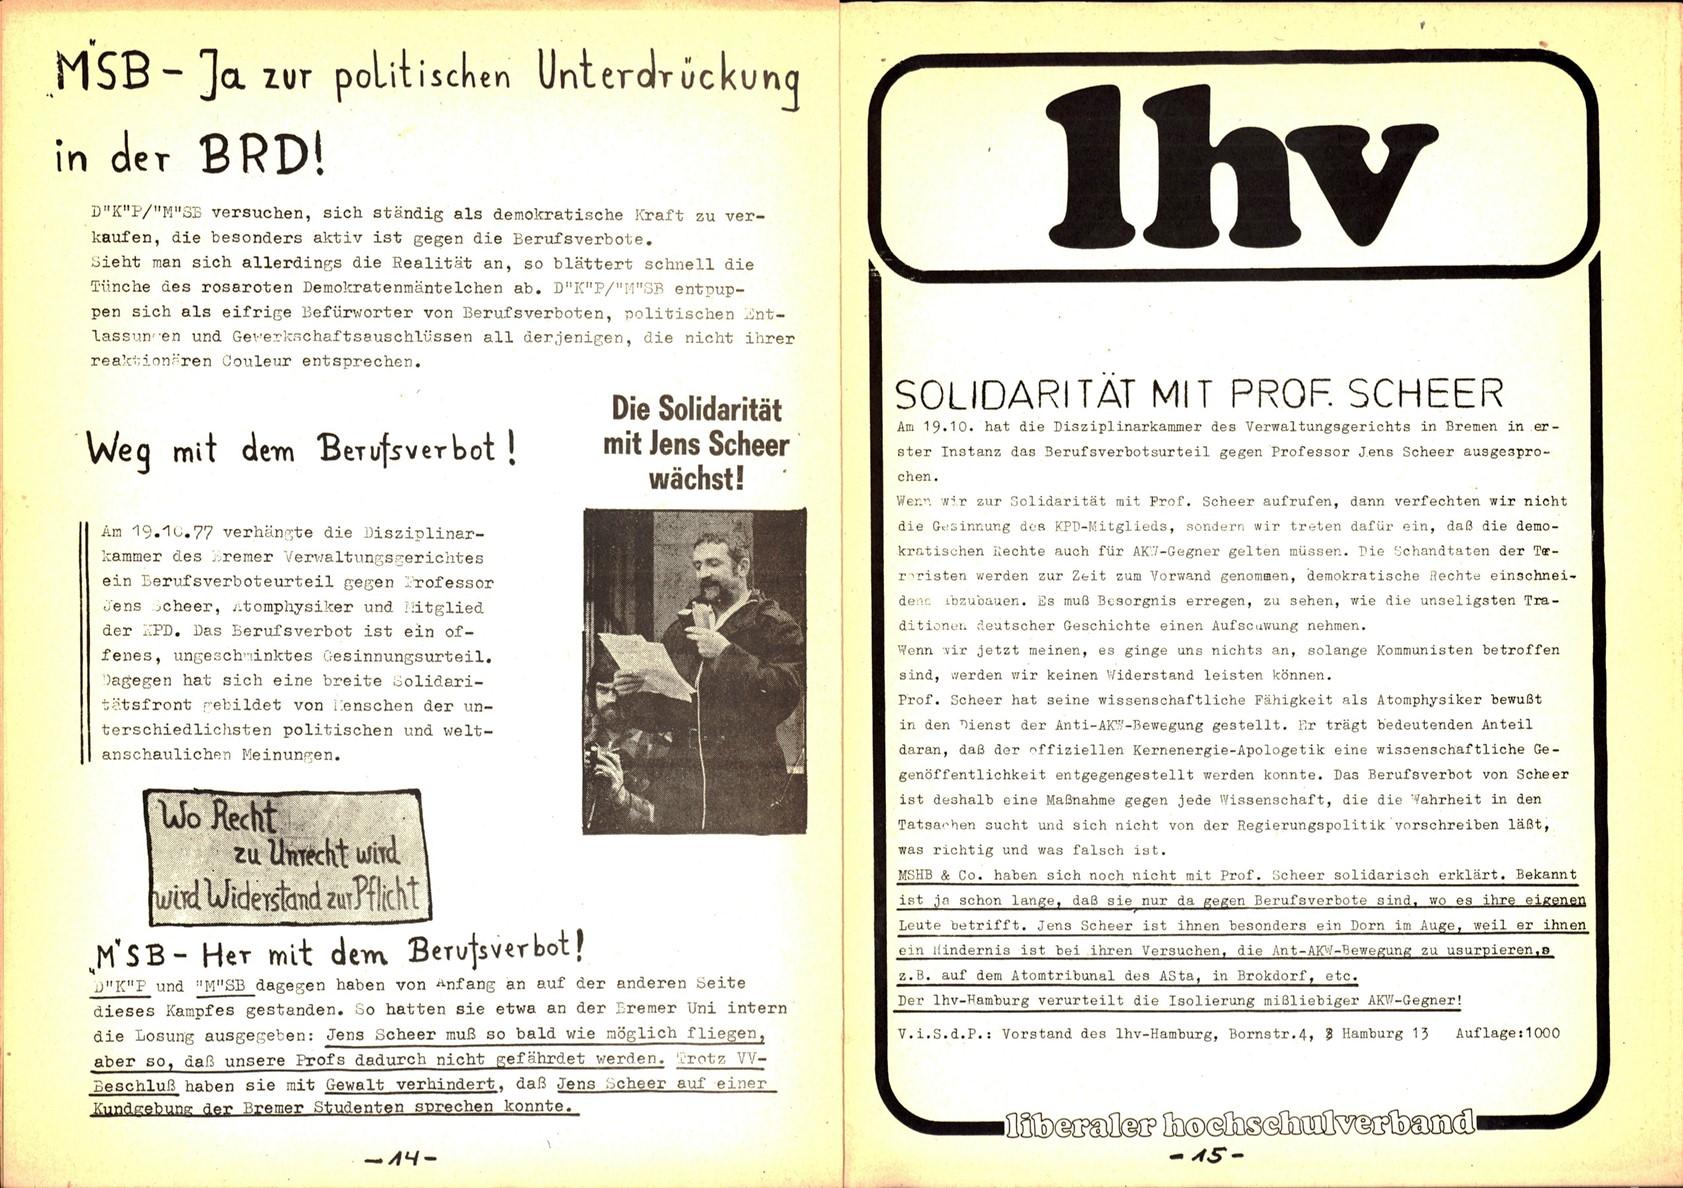 Hamburg_KSV_1978_MSB_Schwarzbuch_08